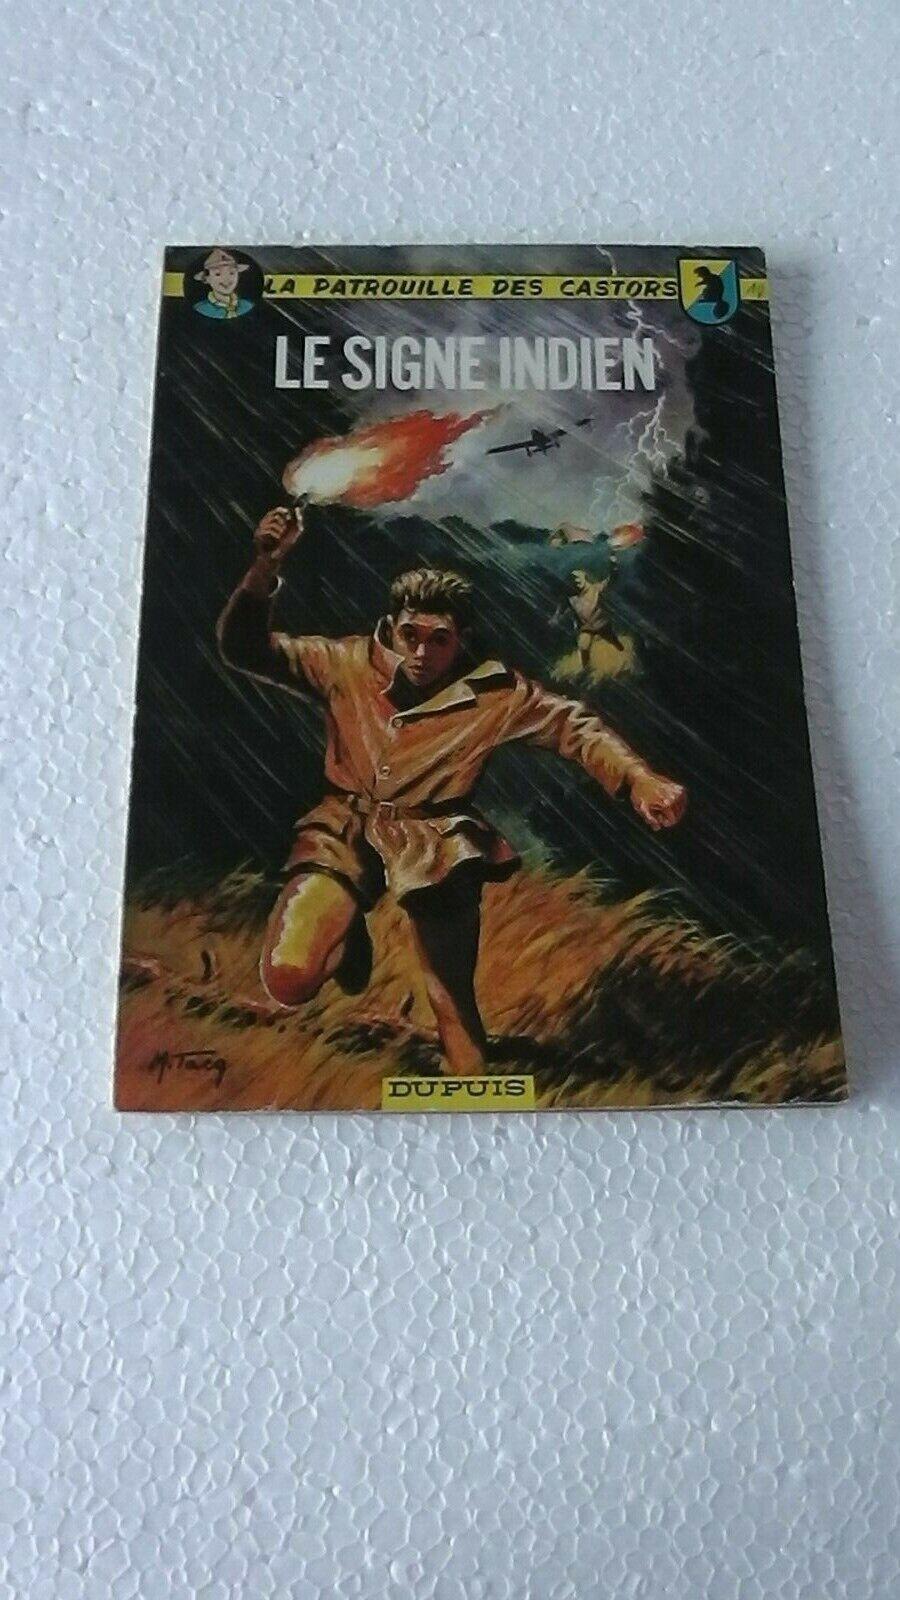 LA PATROUILLE DES CASTORS T10 LE SIGNE INDIEN Ré 1966  BON ETAT  J